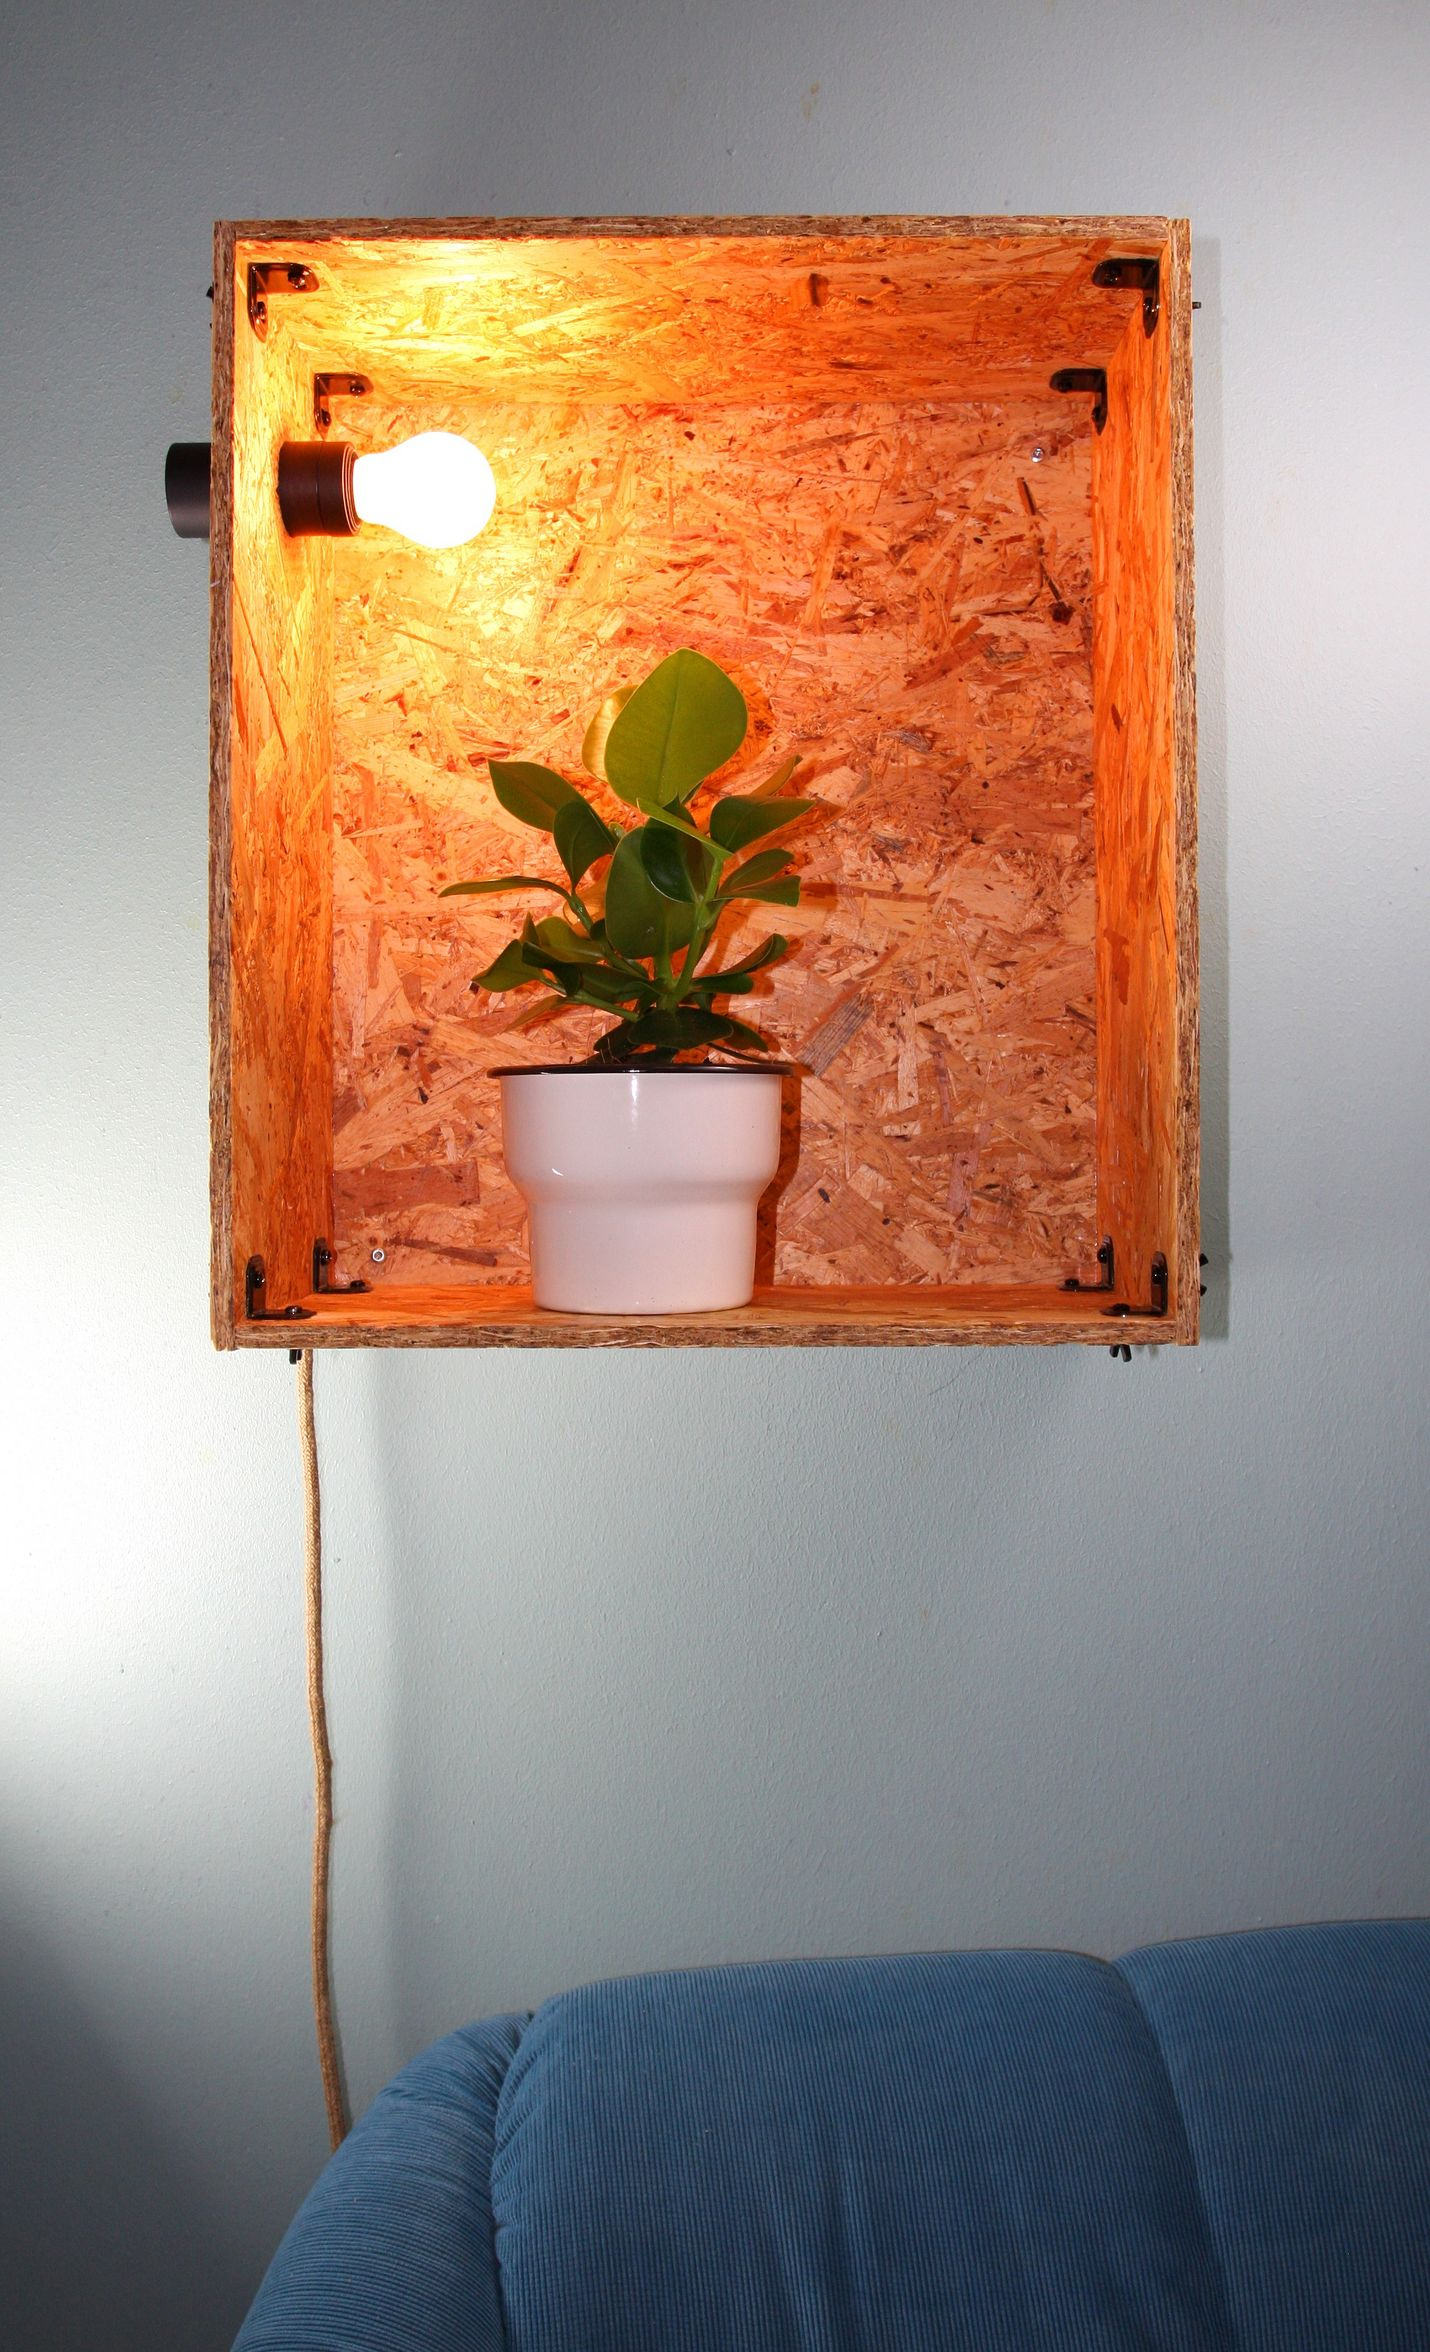 Valolaatikko estää huonekasvia vaipumasta kaamokseen.